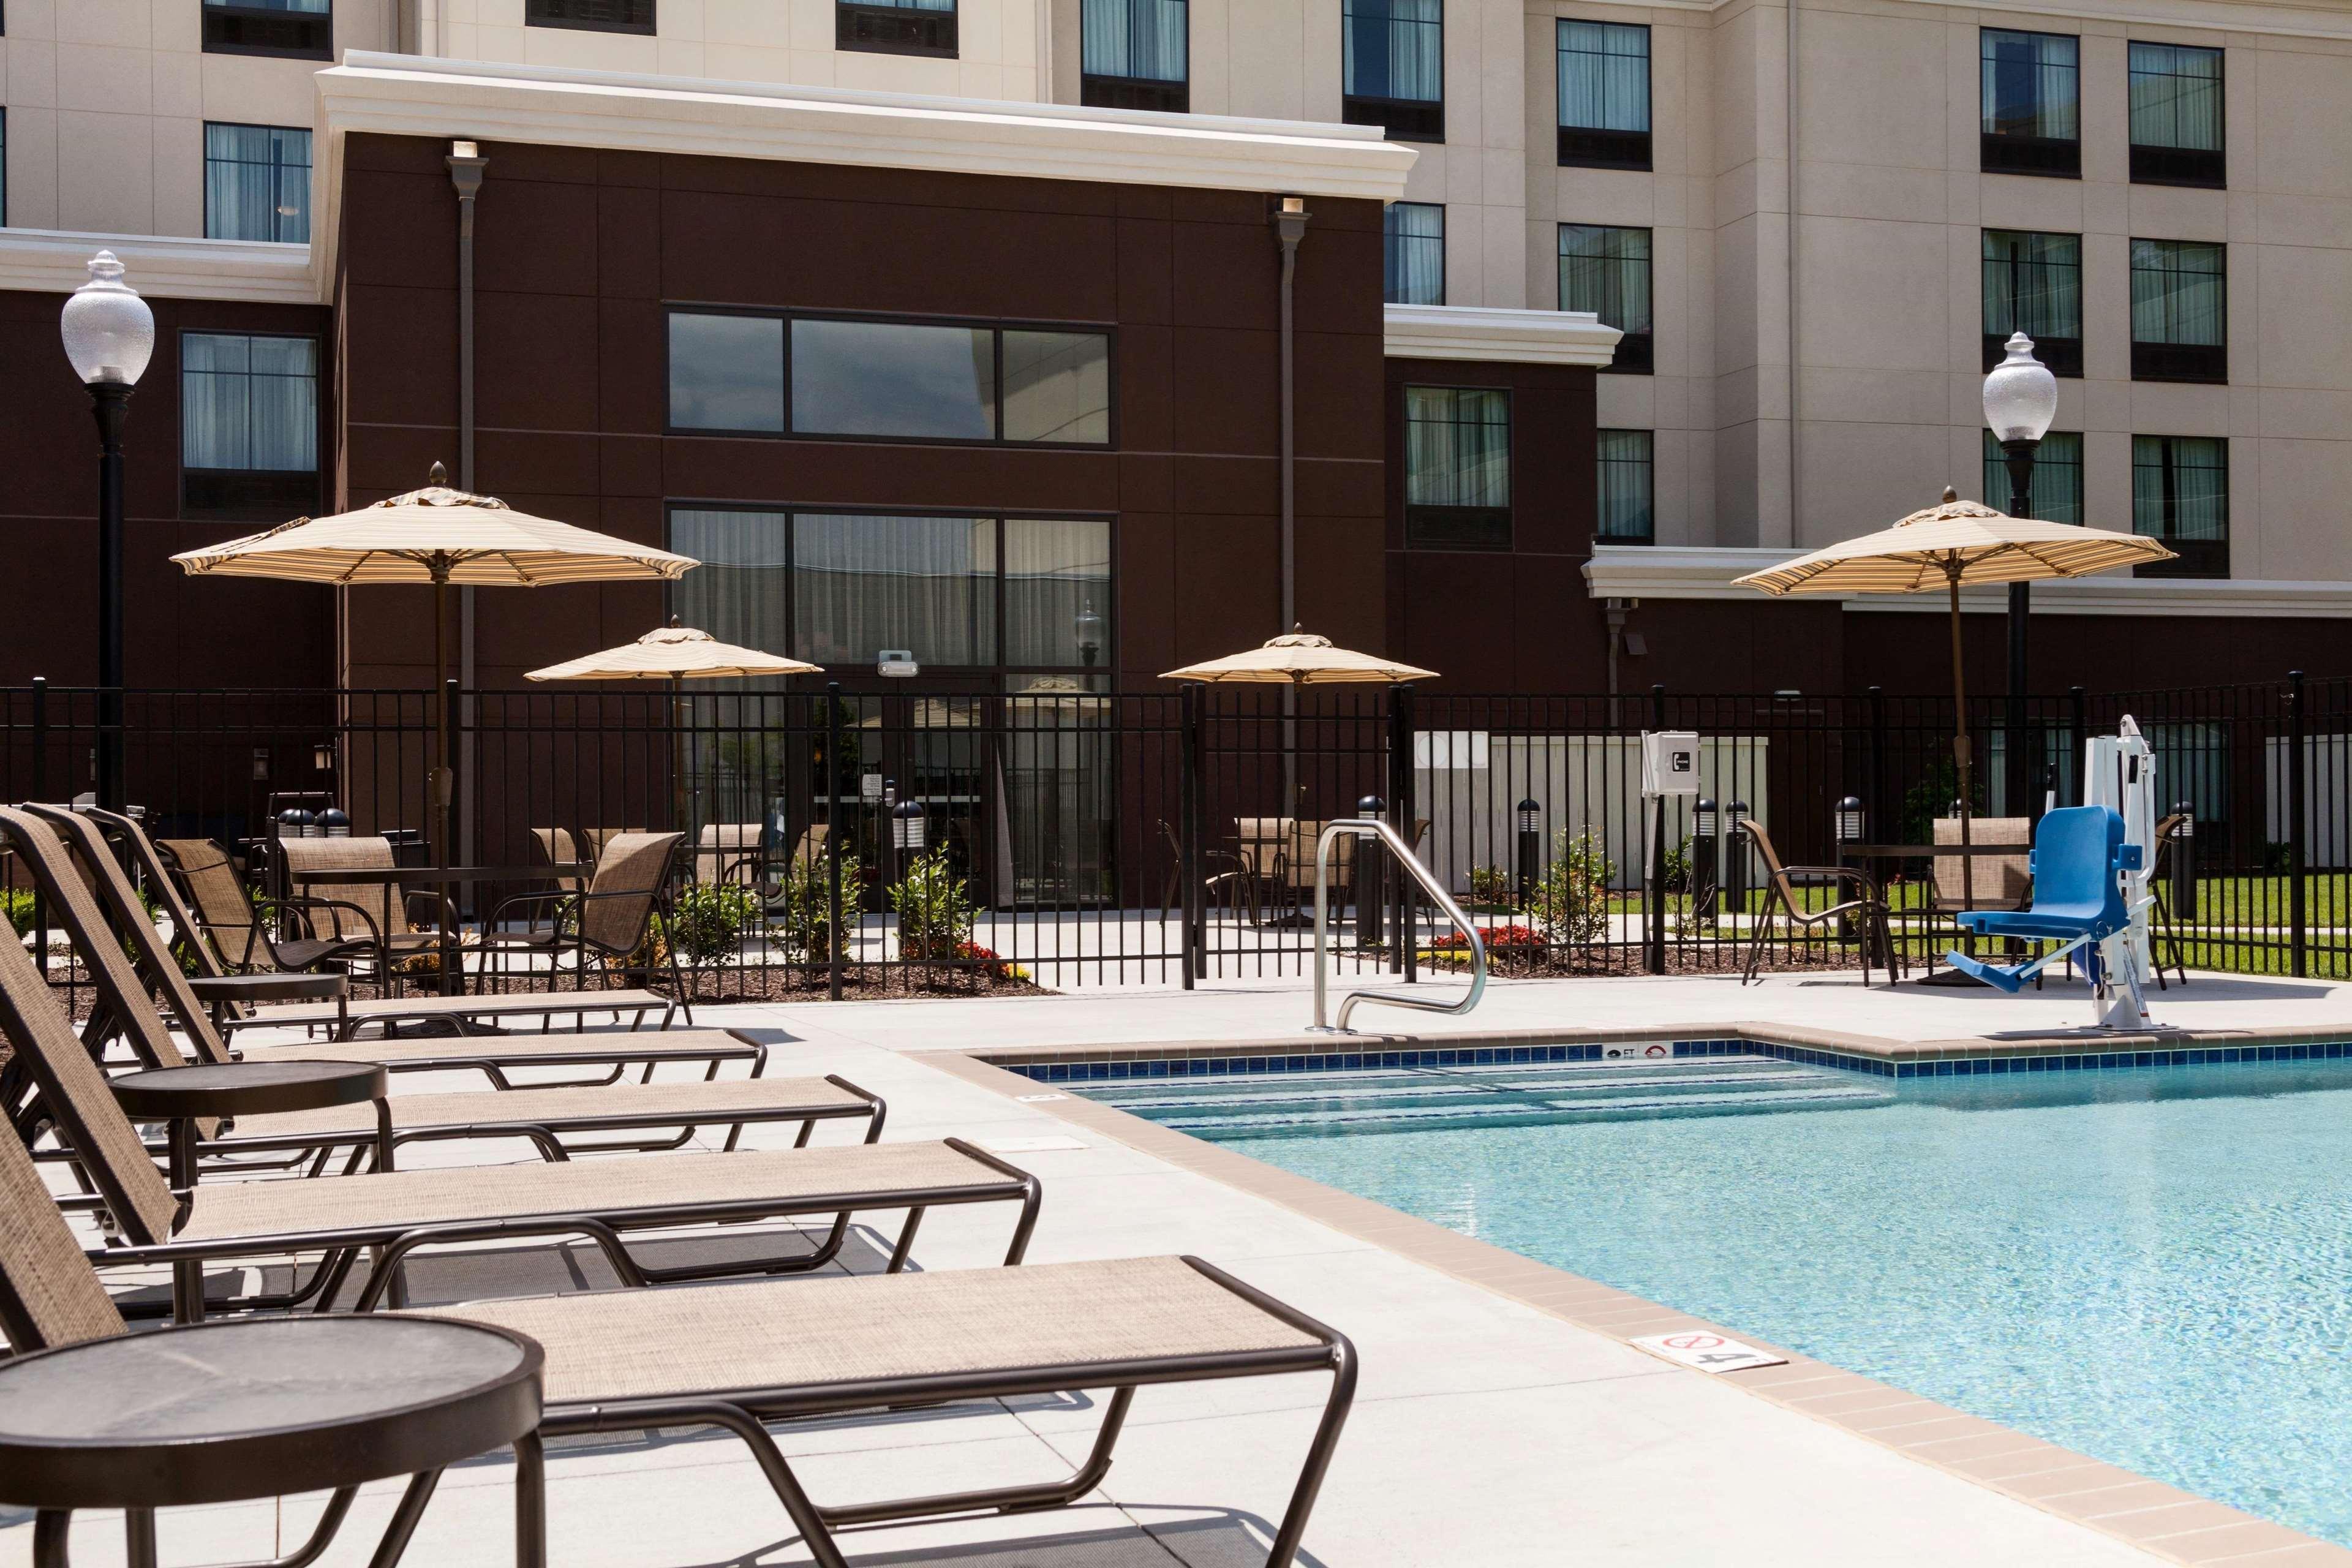 Homewood Suites by Hilton Huntsville-Downtown, AL image 1